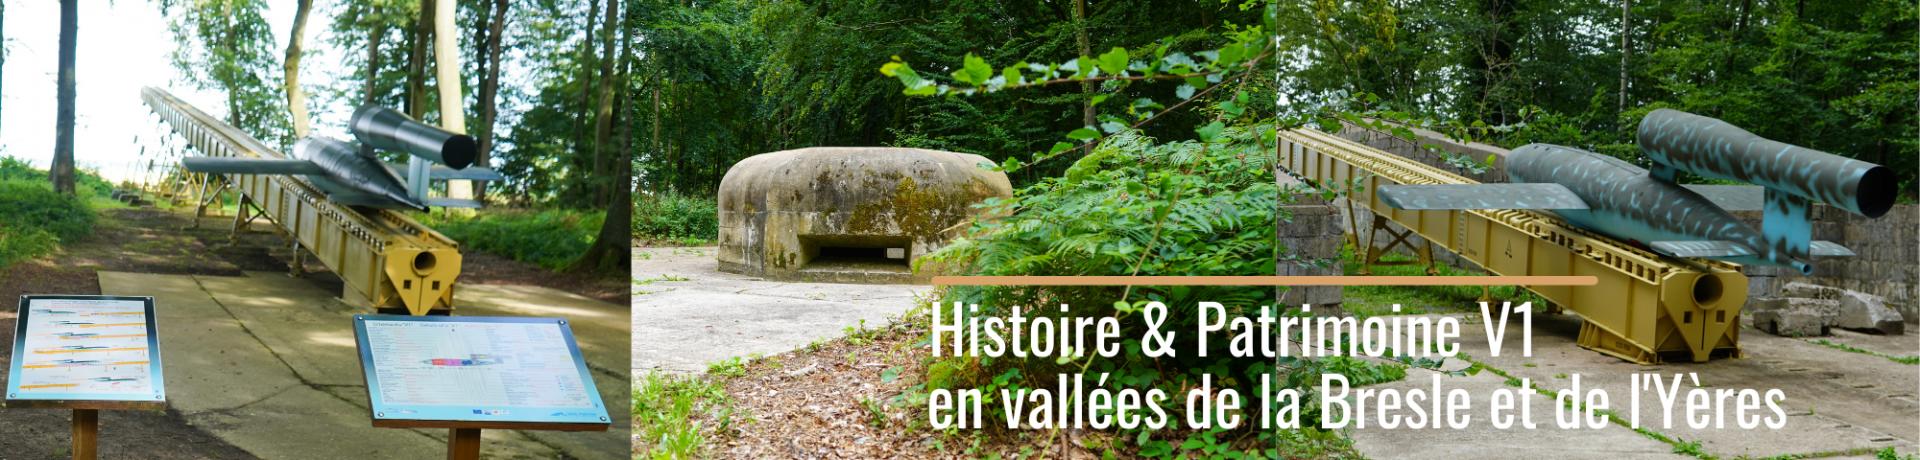 L'itinéraire de randonnée historique et de mémoire V1 en vallées de la Bresle et de l'Yères